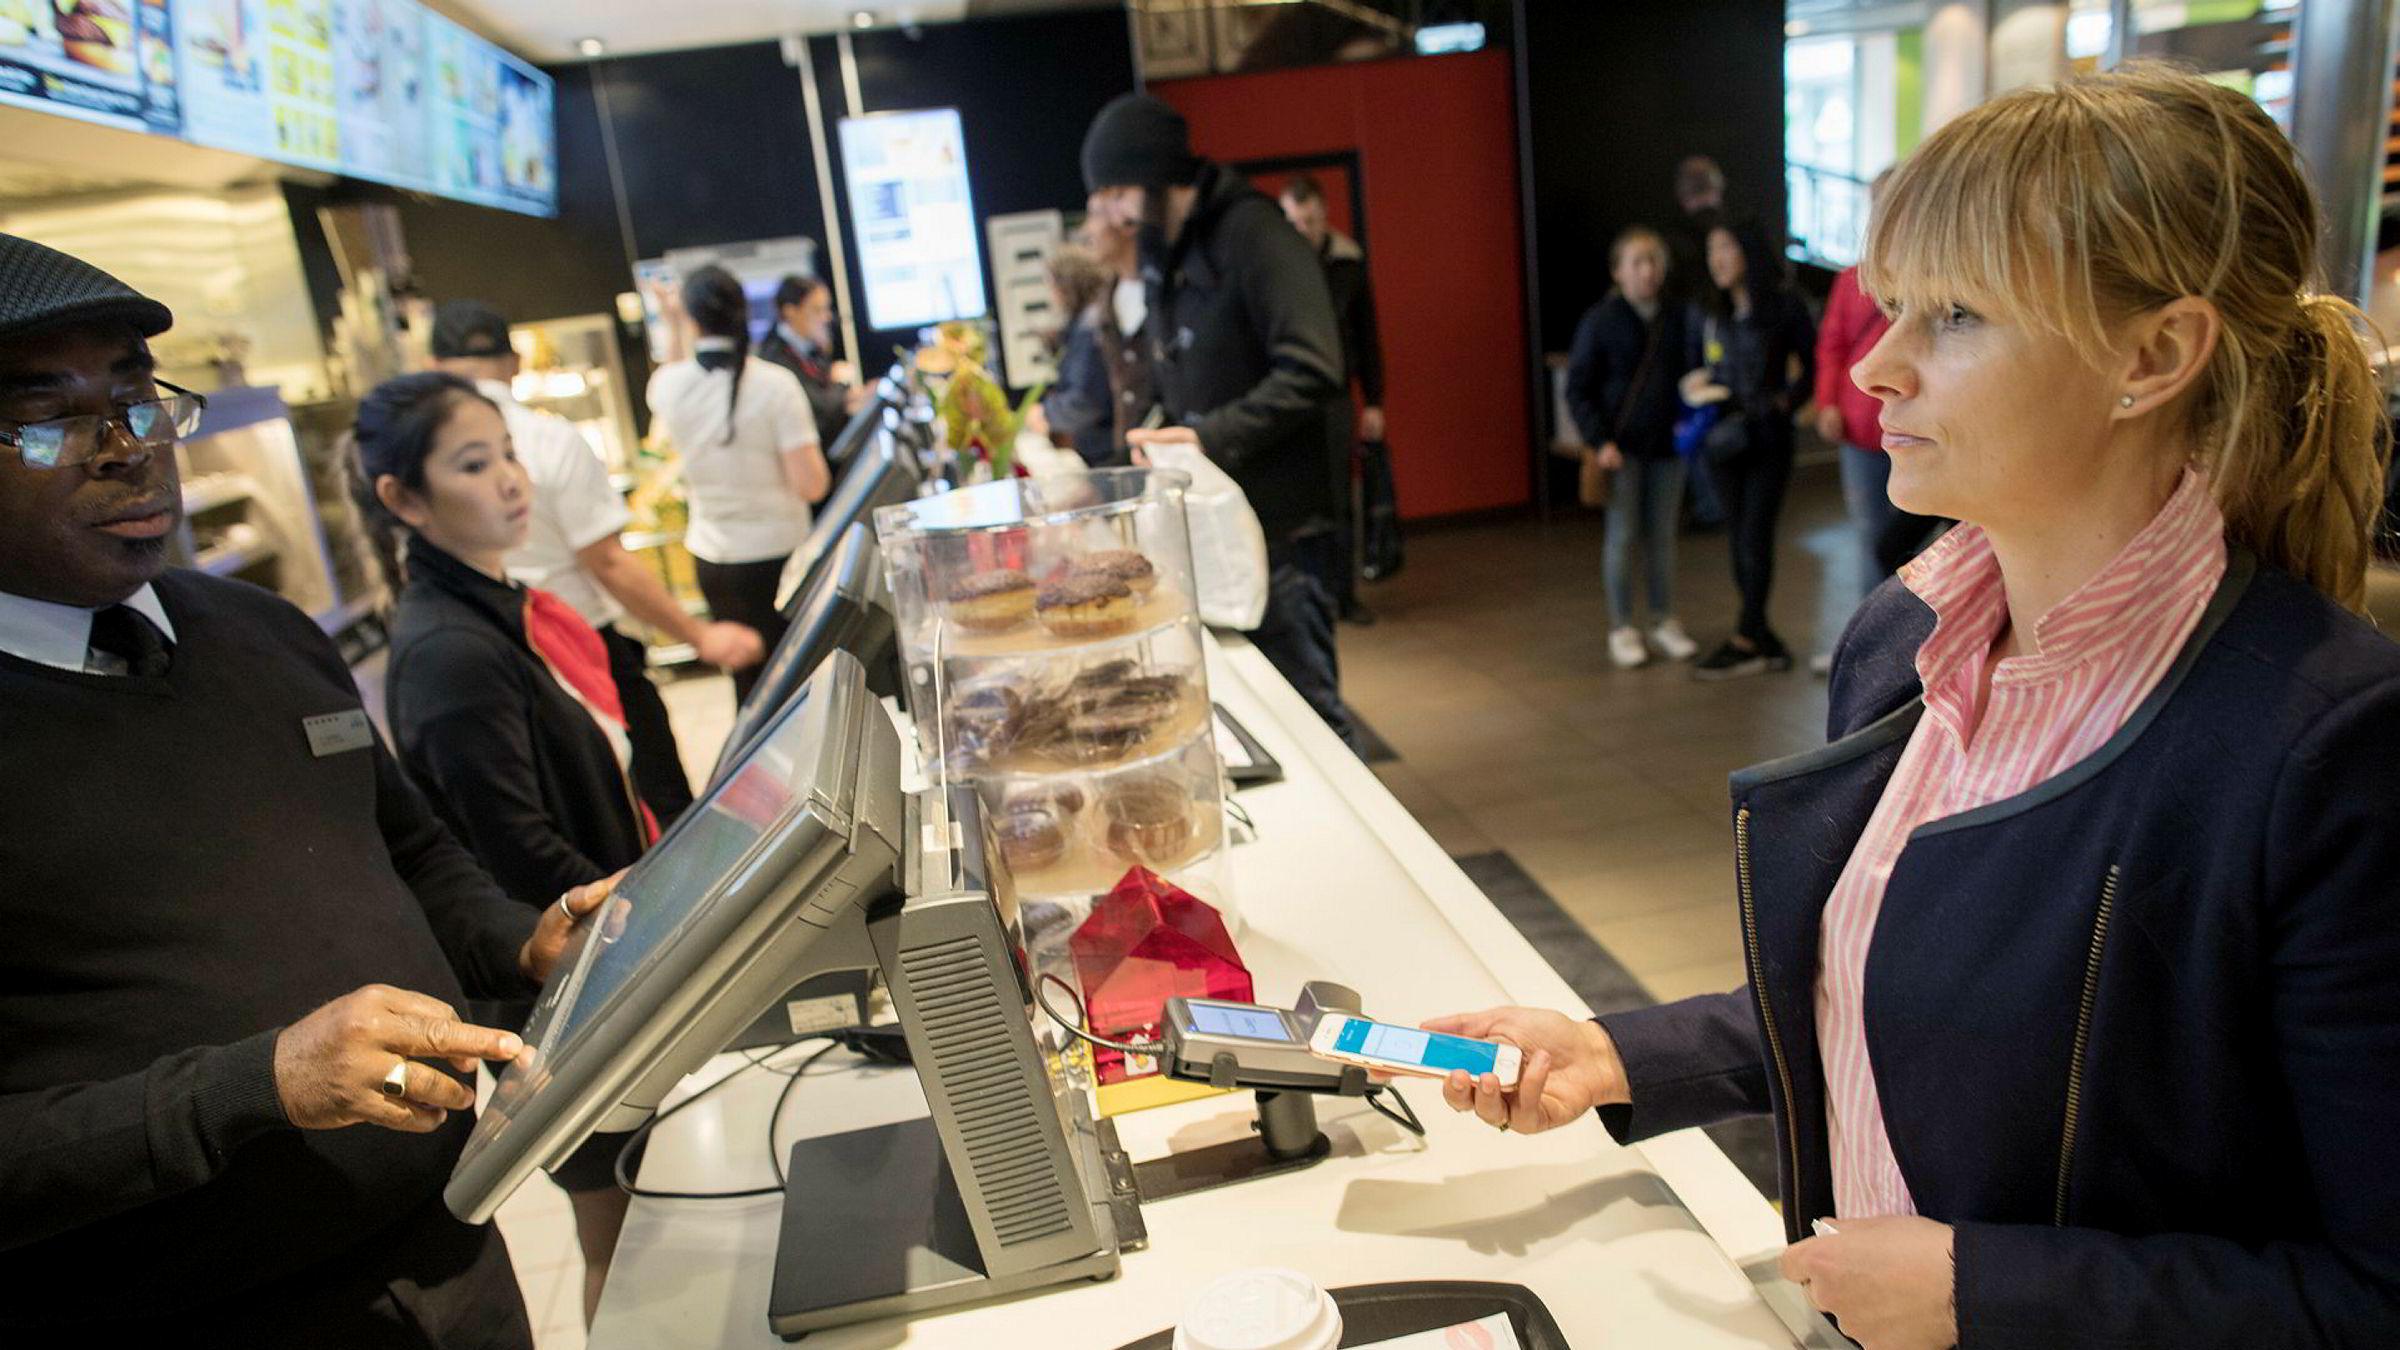 Oslo - Norge - 28.04.2017: Vipps mobil betaling - Elisabeth Haug, nestsjef i Vipps demonstrerer Vipps betaling med mobil. Her med Okeke Sampson butikksjef på Mc Donalds i Storgata. Foto: Øyvind Elvsborg